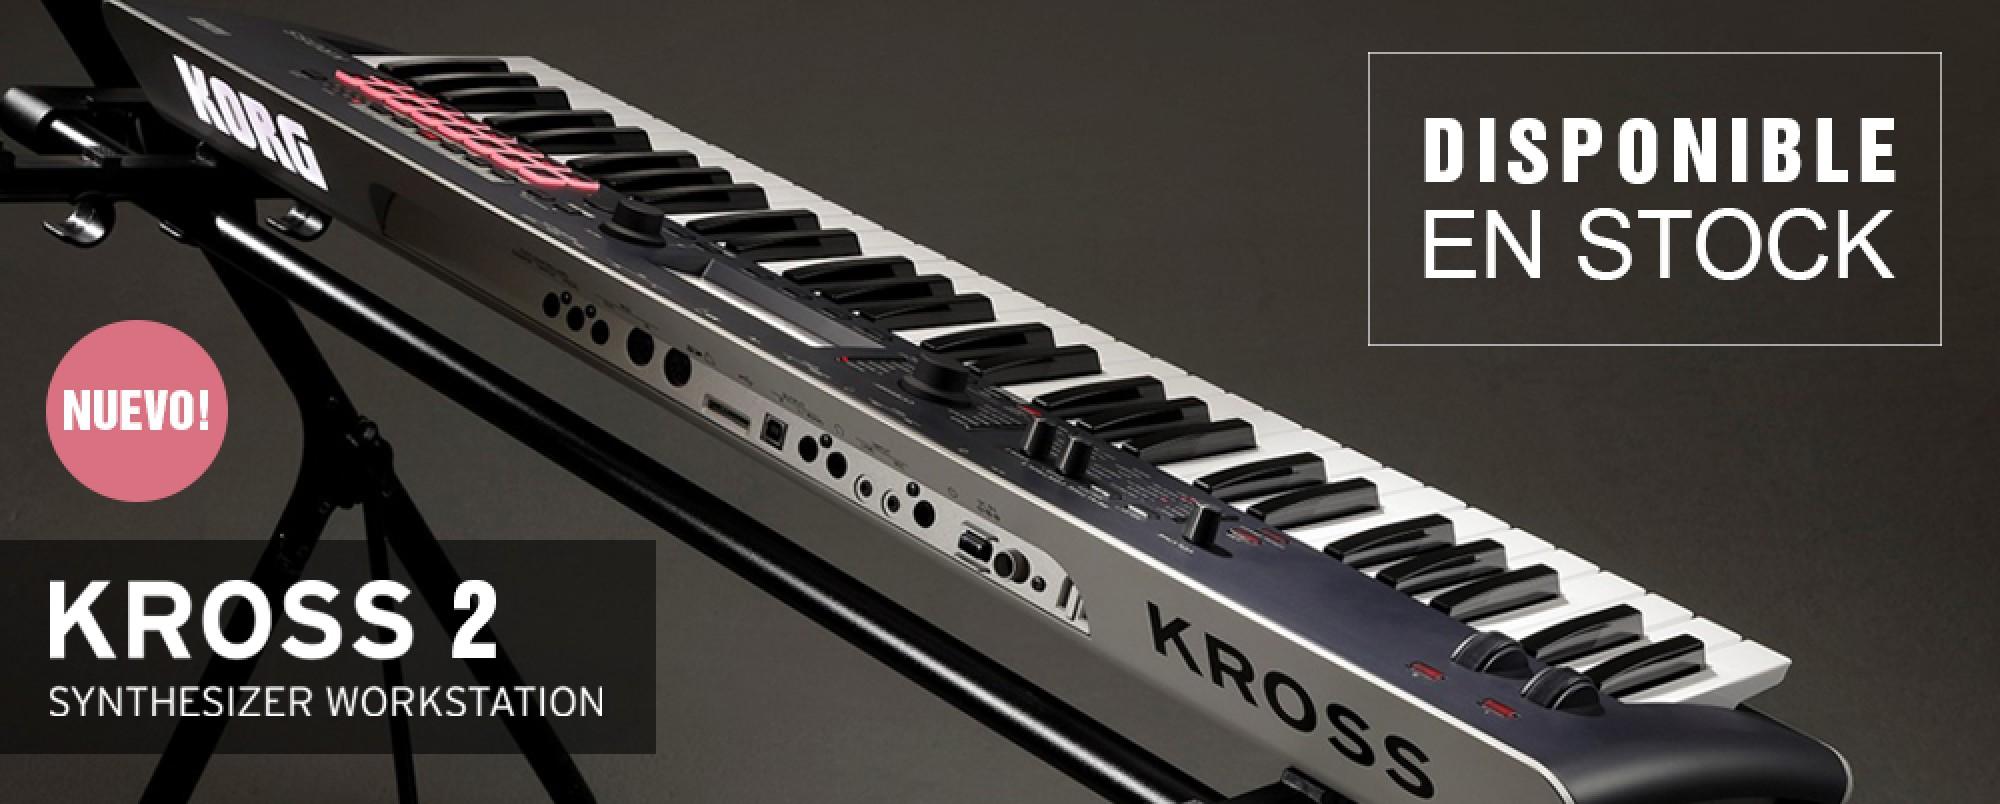 603-Kross2-La-revoluci-oacentn-de-Kross-n8e0u.jpg